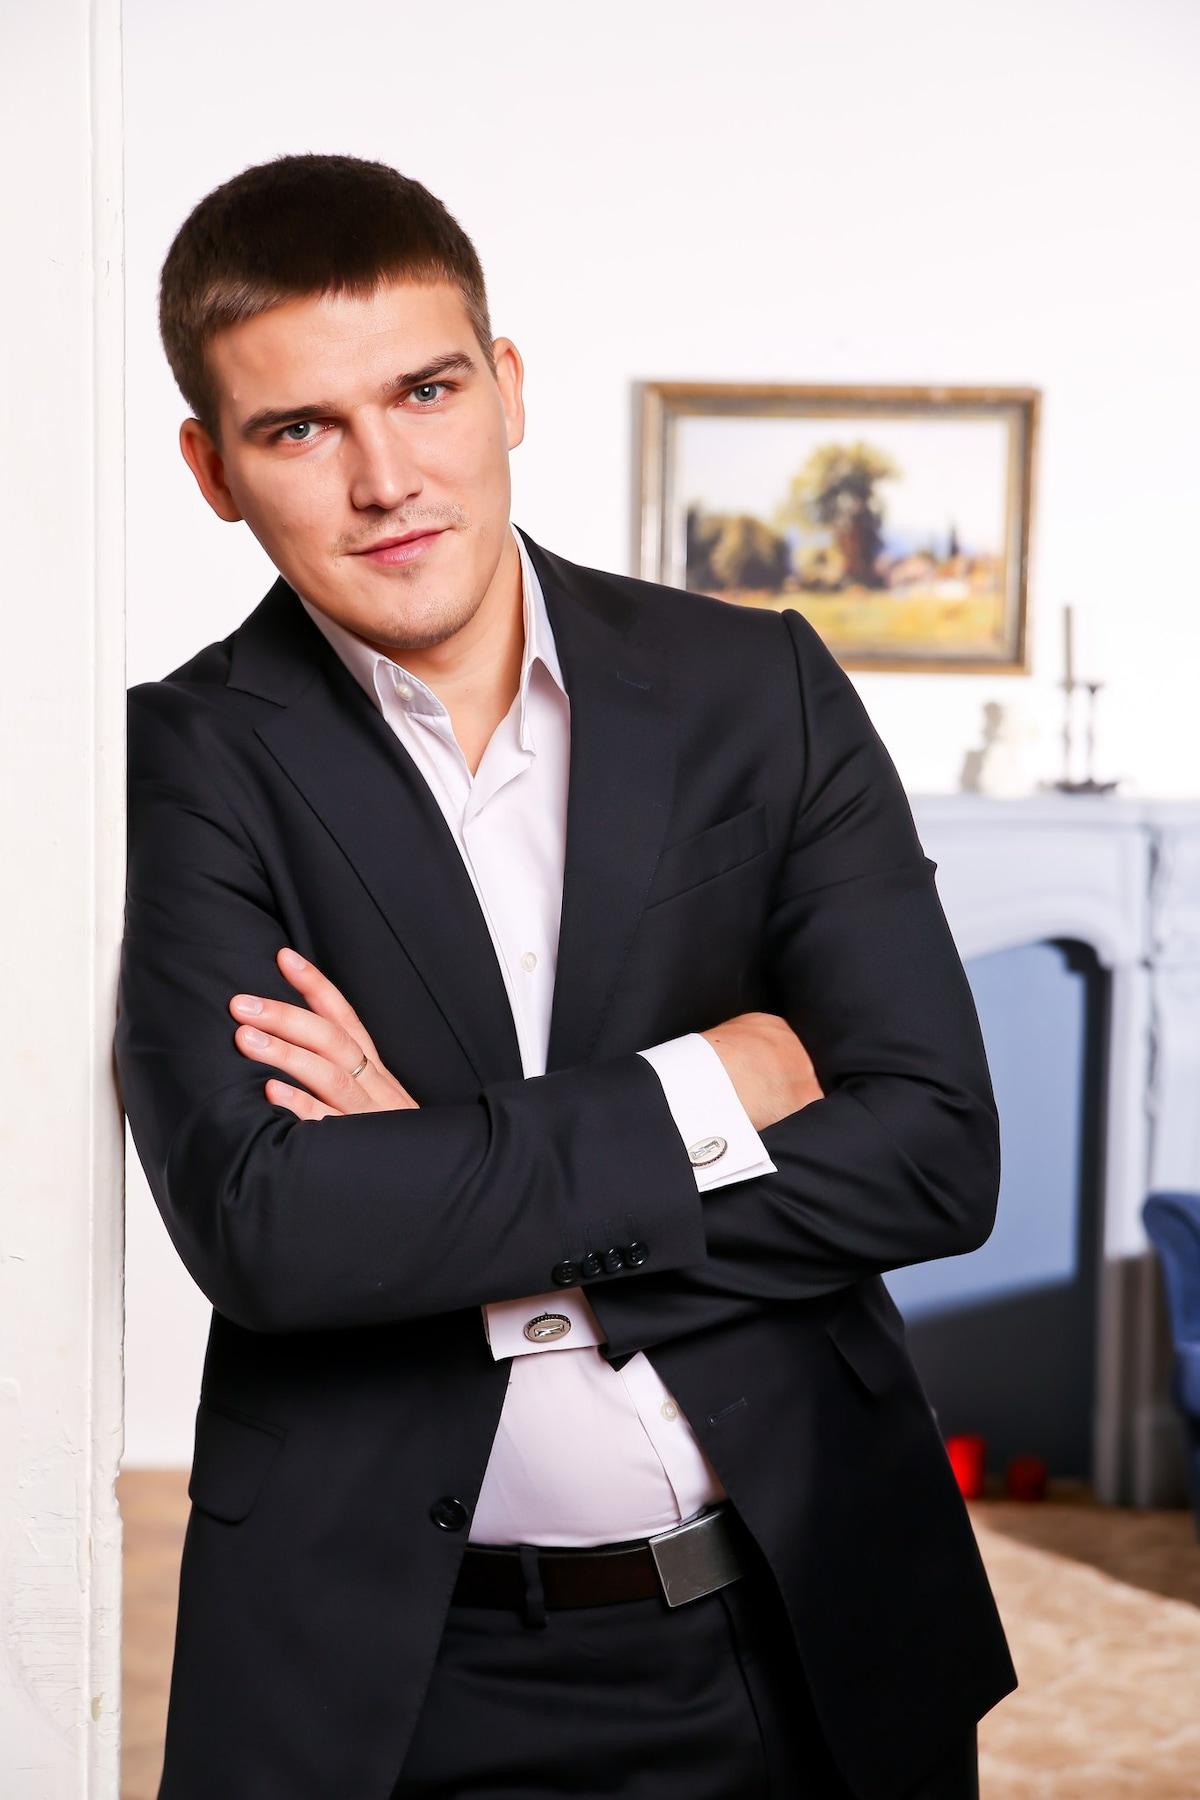 Дмитрий from Екатеринбург